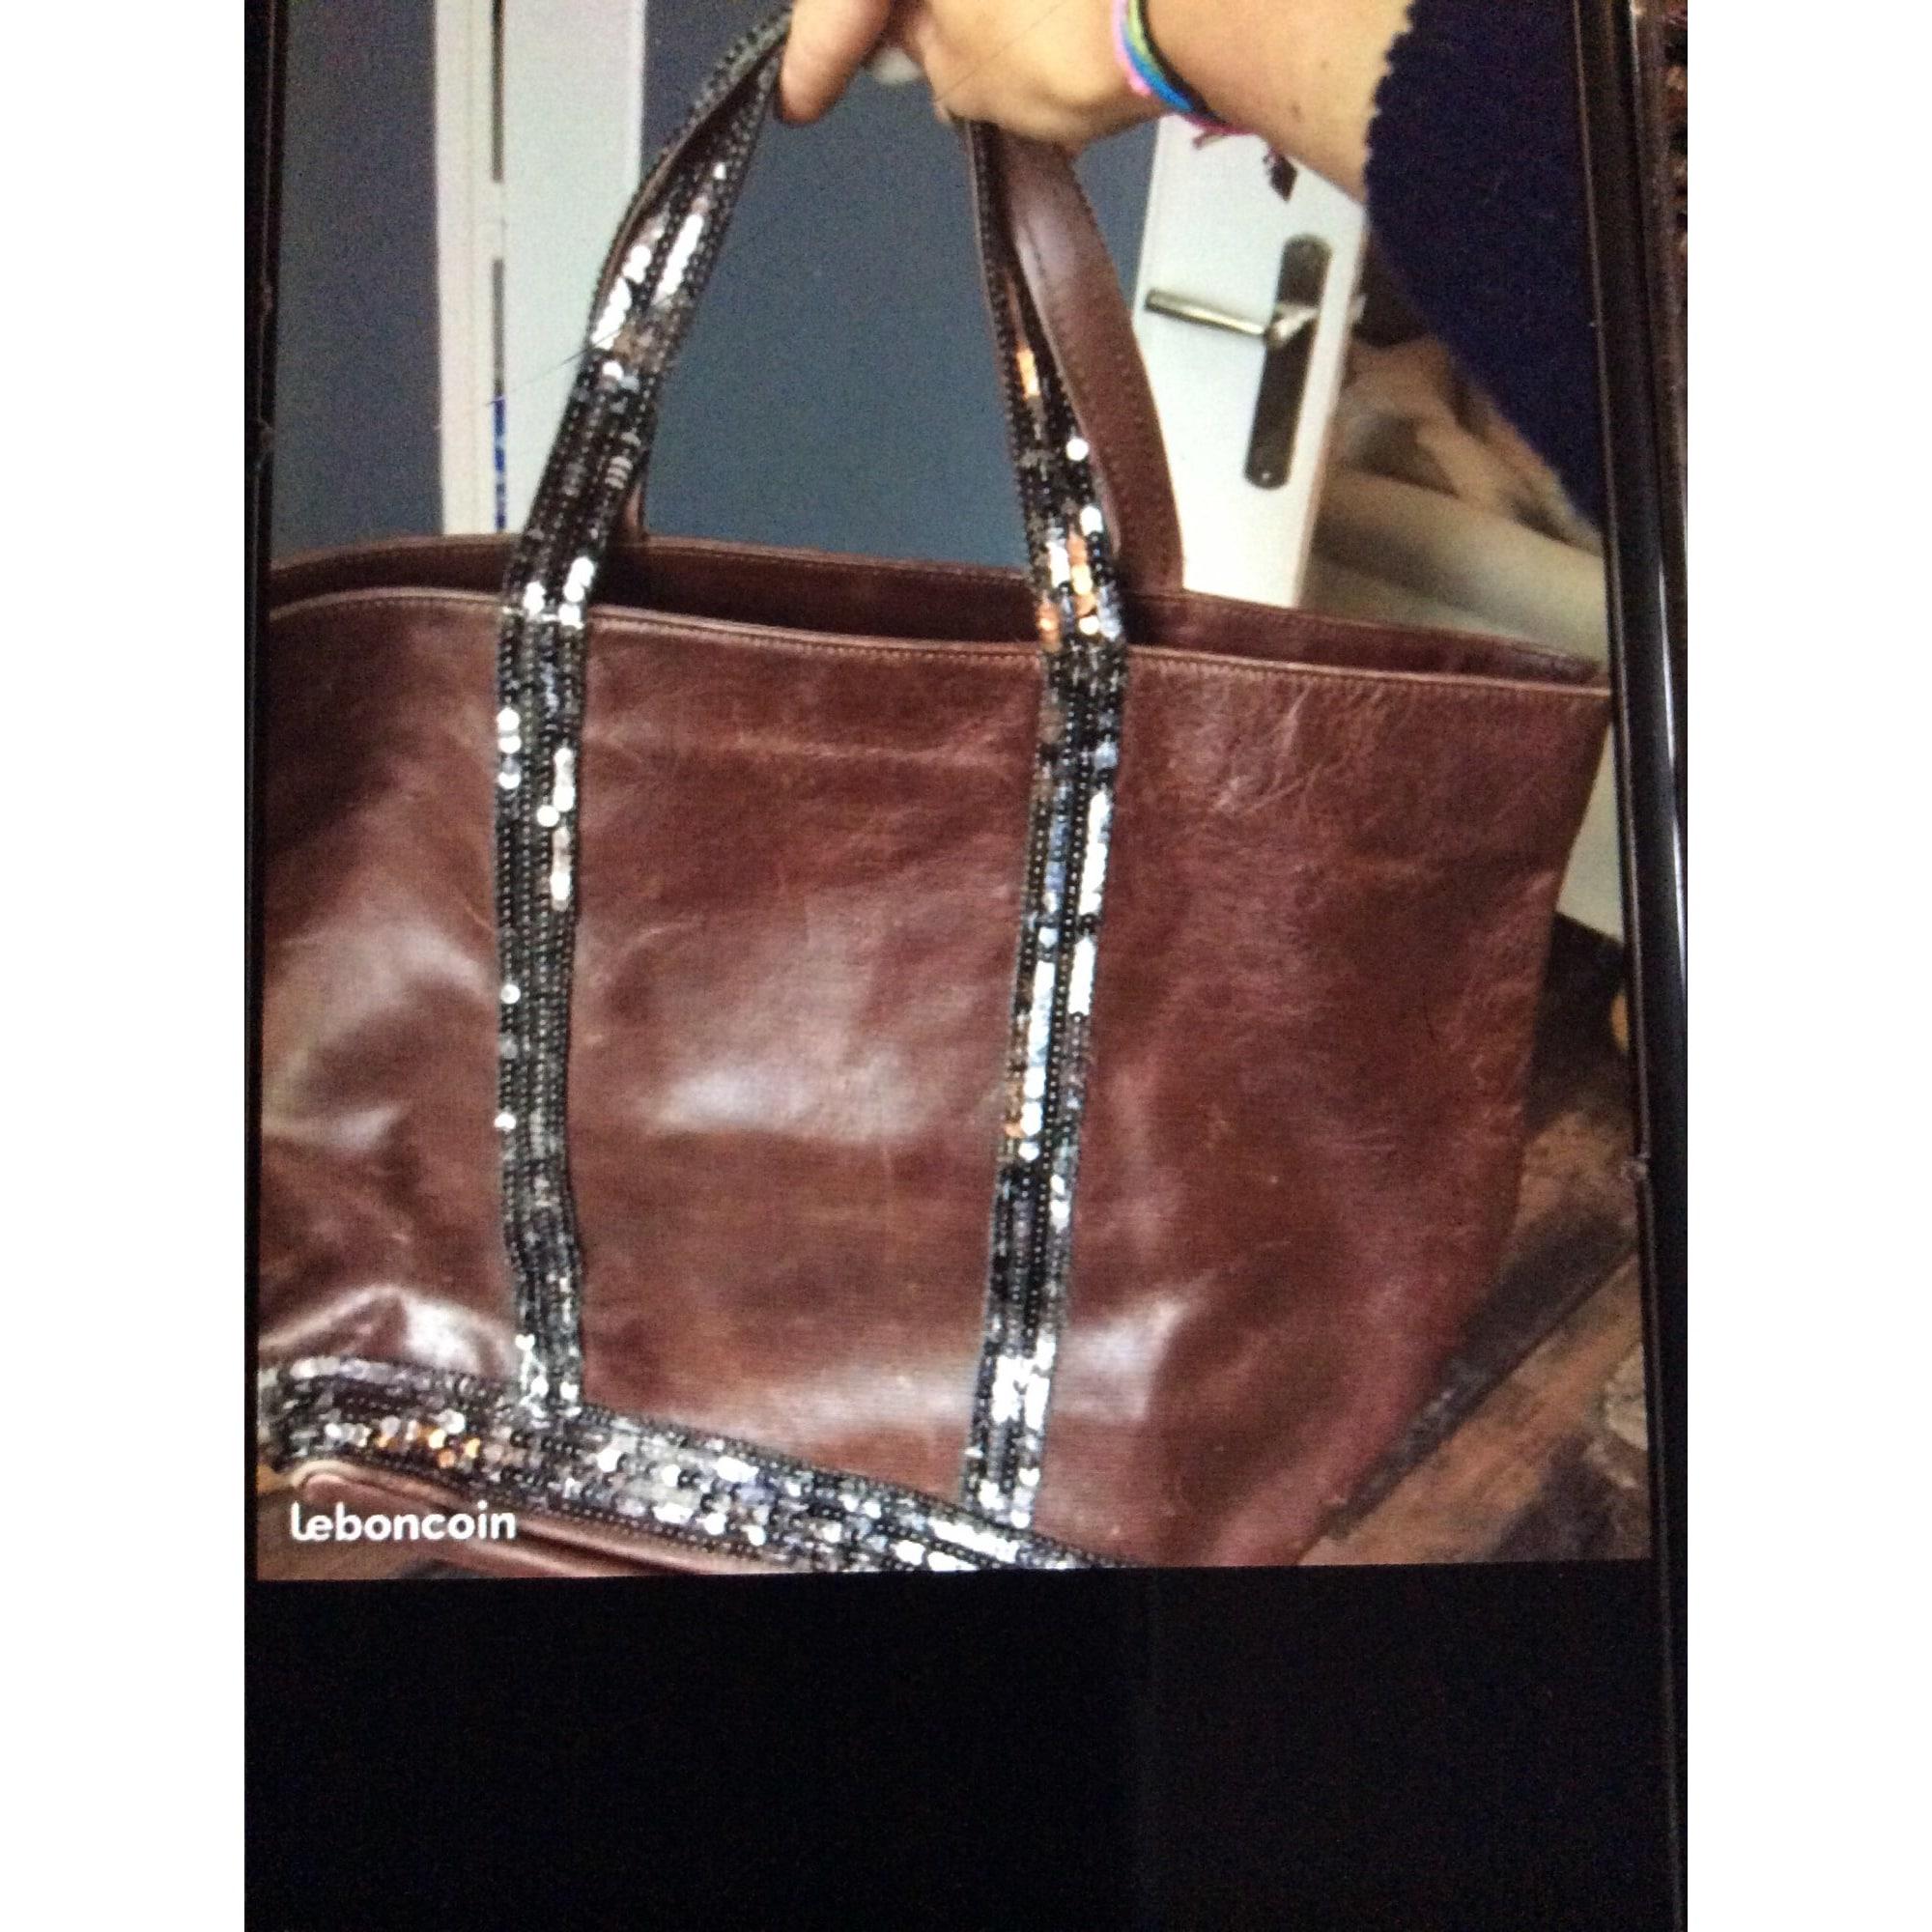 4131fc2c2a Sac à main en cuir VANESSA BRUNO marron vendu par Sandra 354531748 ...